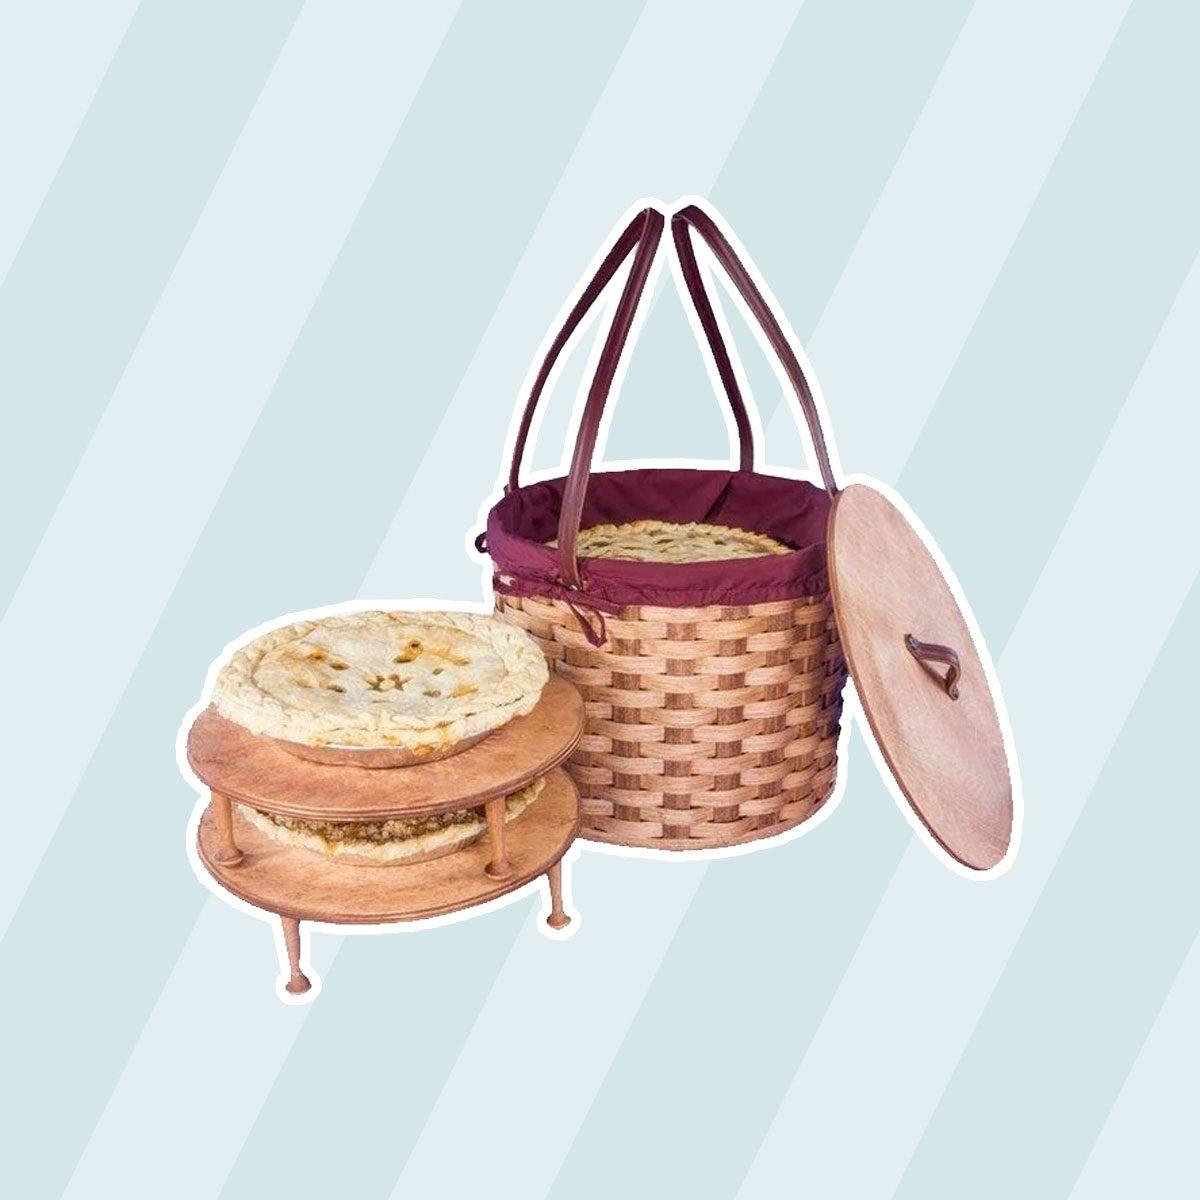 Amish Made Triple Round Three Pie Carrier Basket